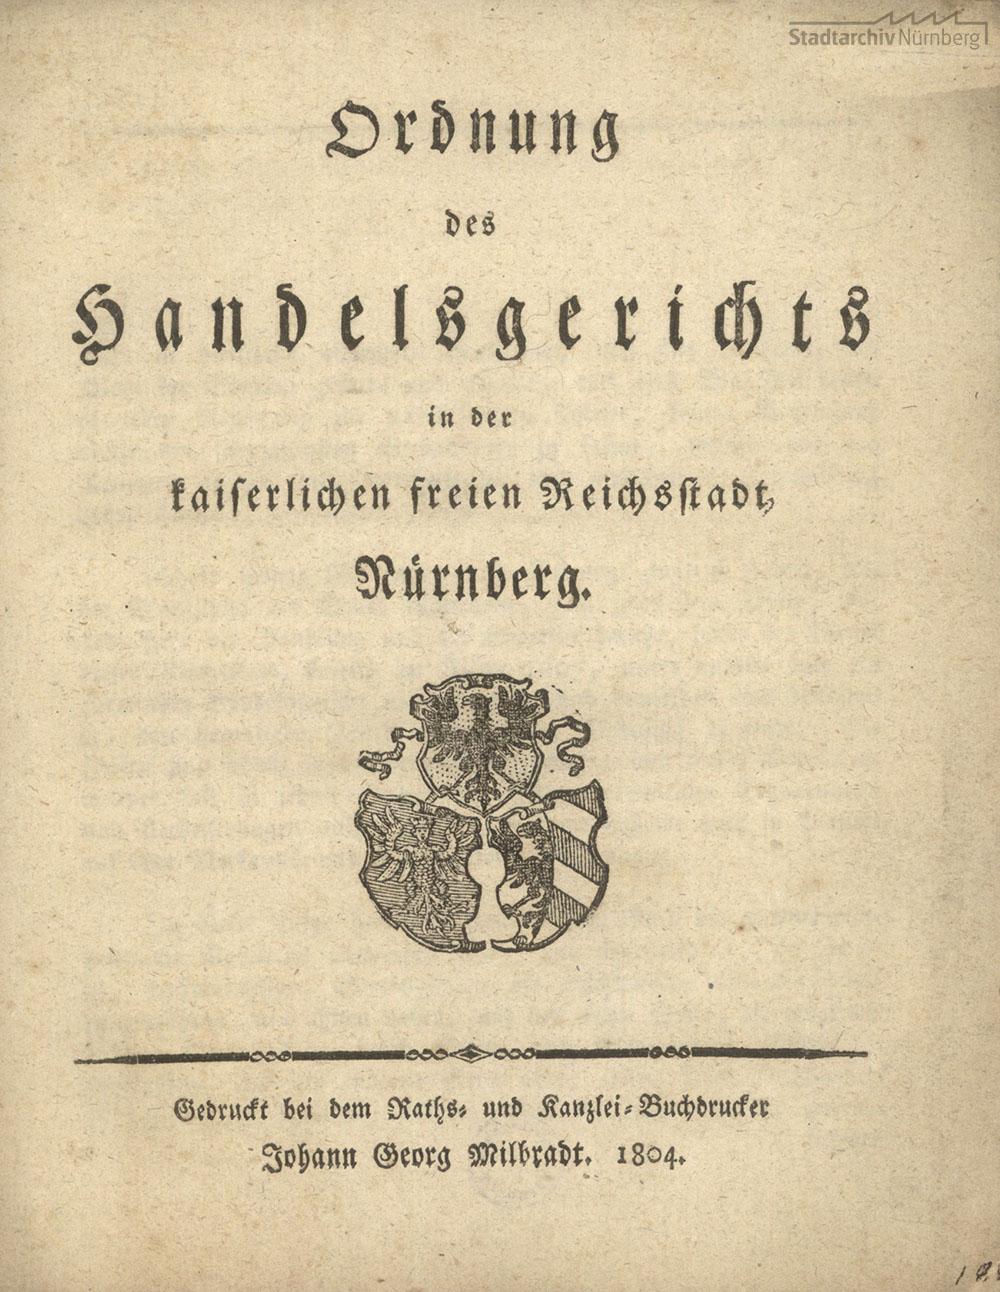 Gedrucktes Mandat der Ordnung des Nürnberger Handelsgerichts vom 4. Januar 1804